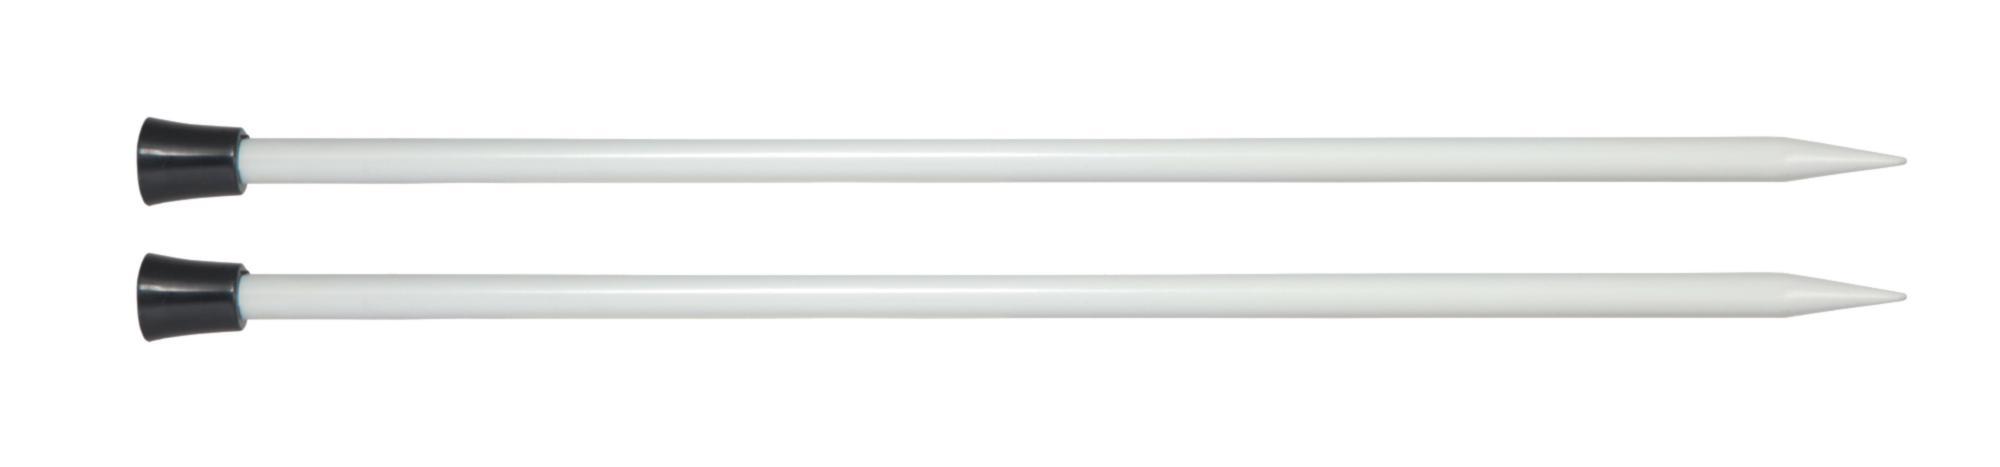 Спицы прямые 35 см Basix Aluminium KnitPro, 45267, 5.00 мм